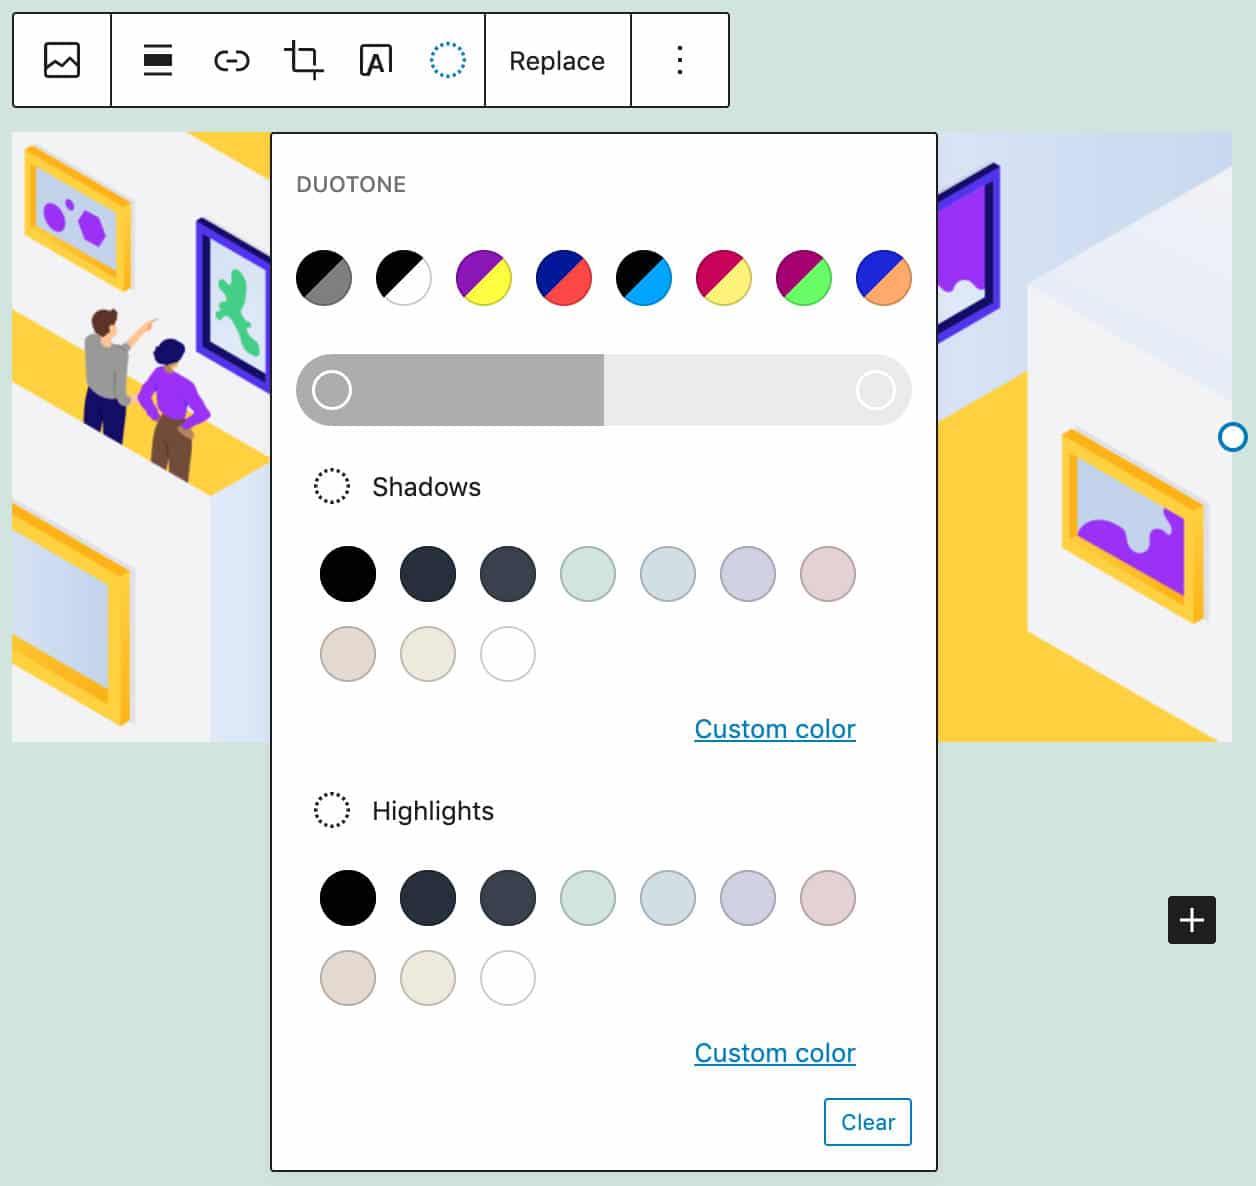 Das neue Duoton-Design-Werkzeug in einem Bildblock.